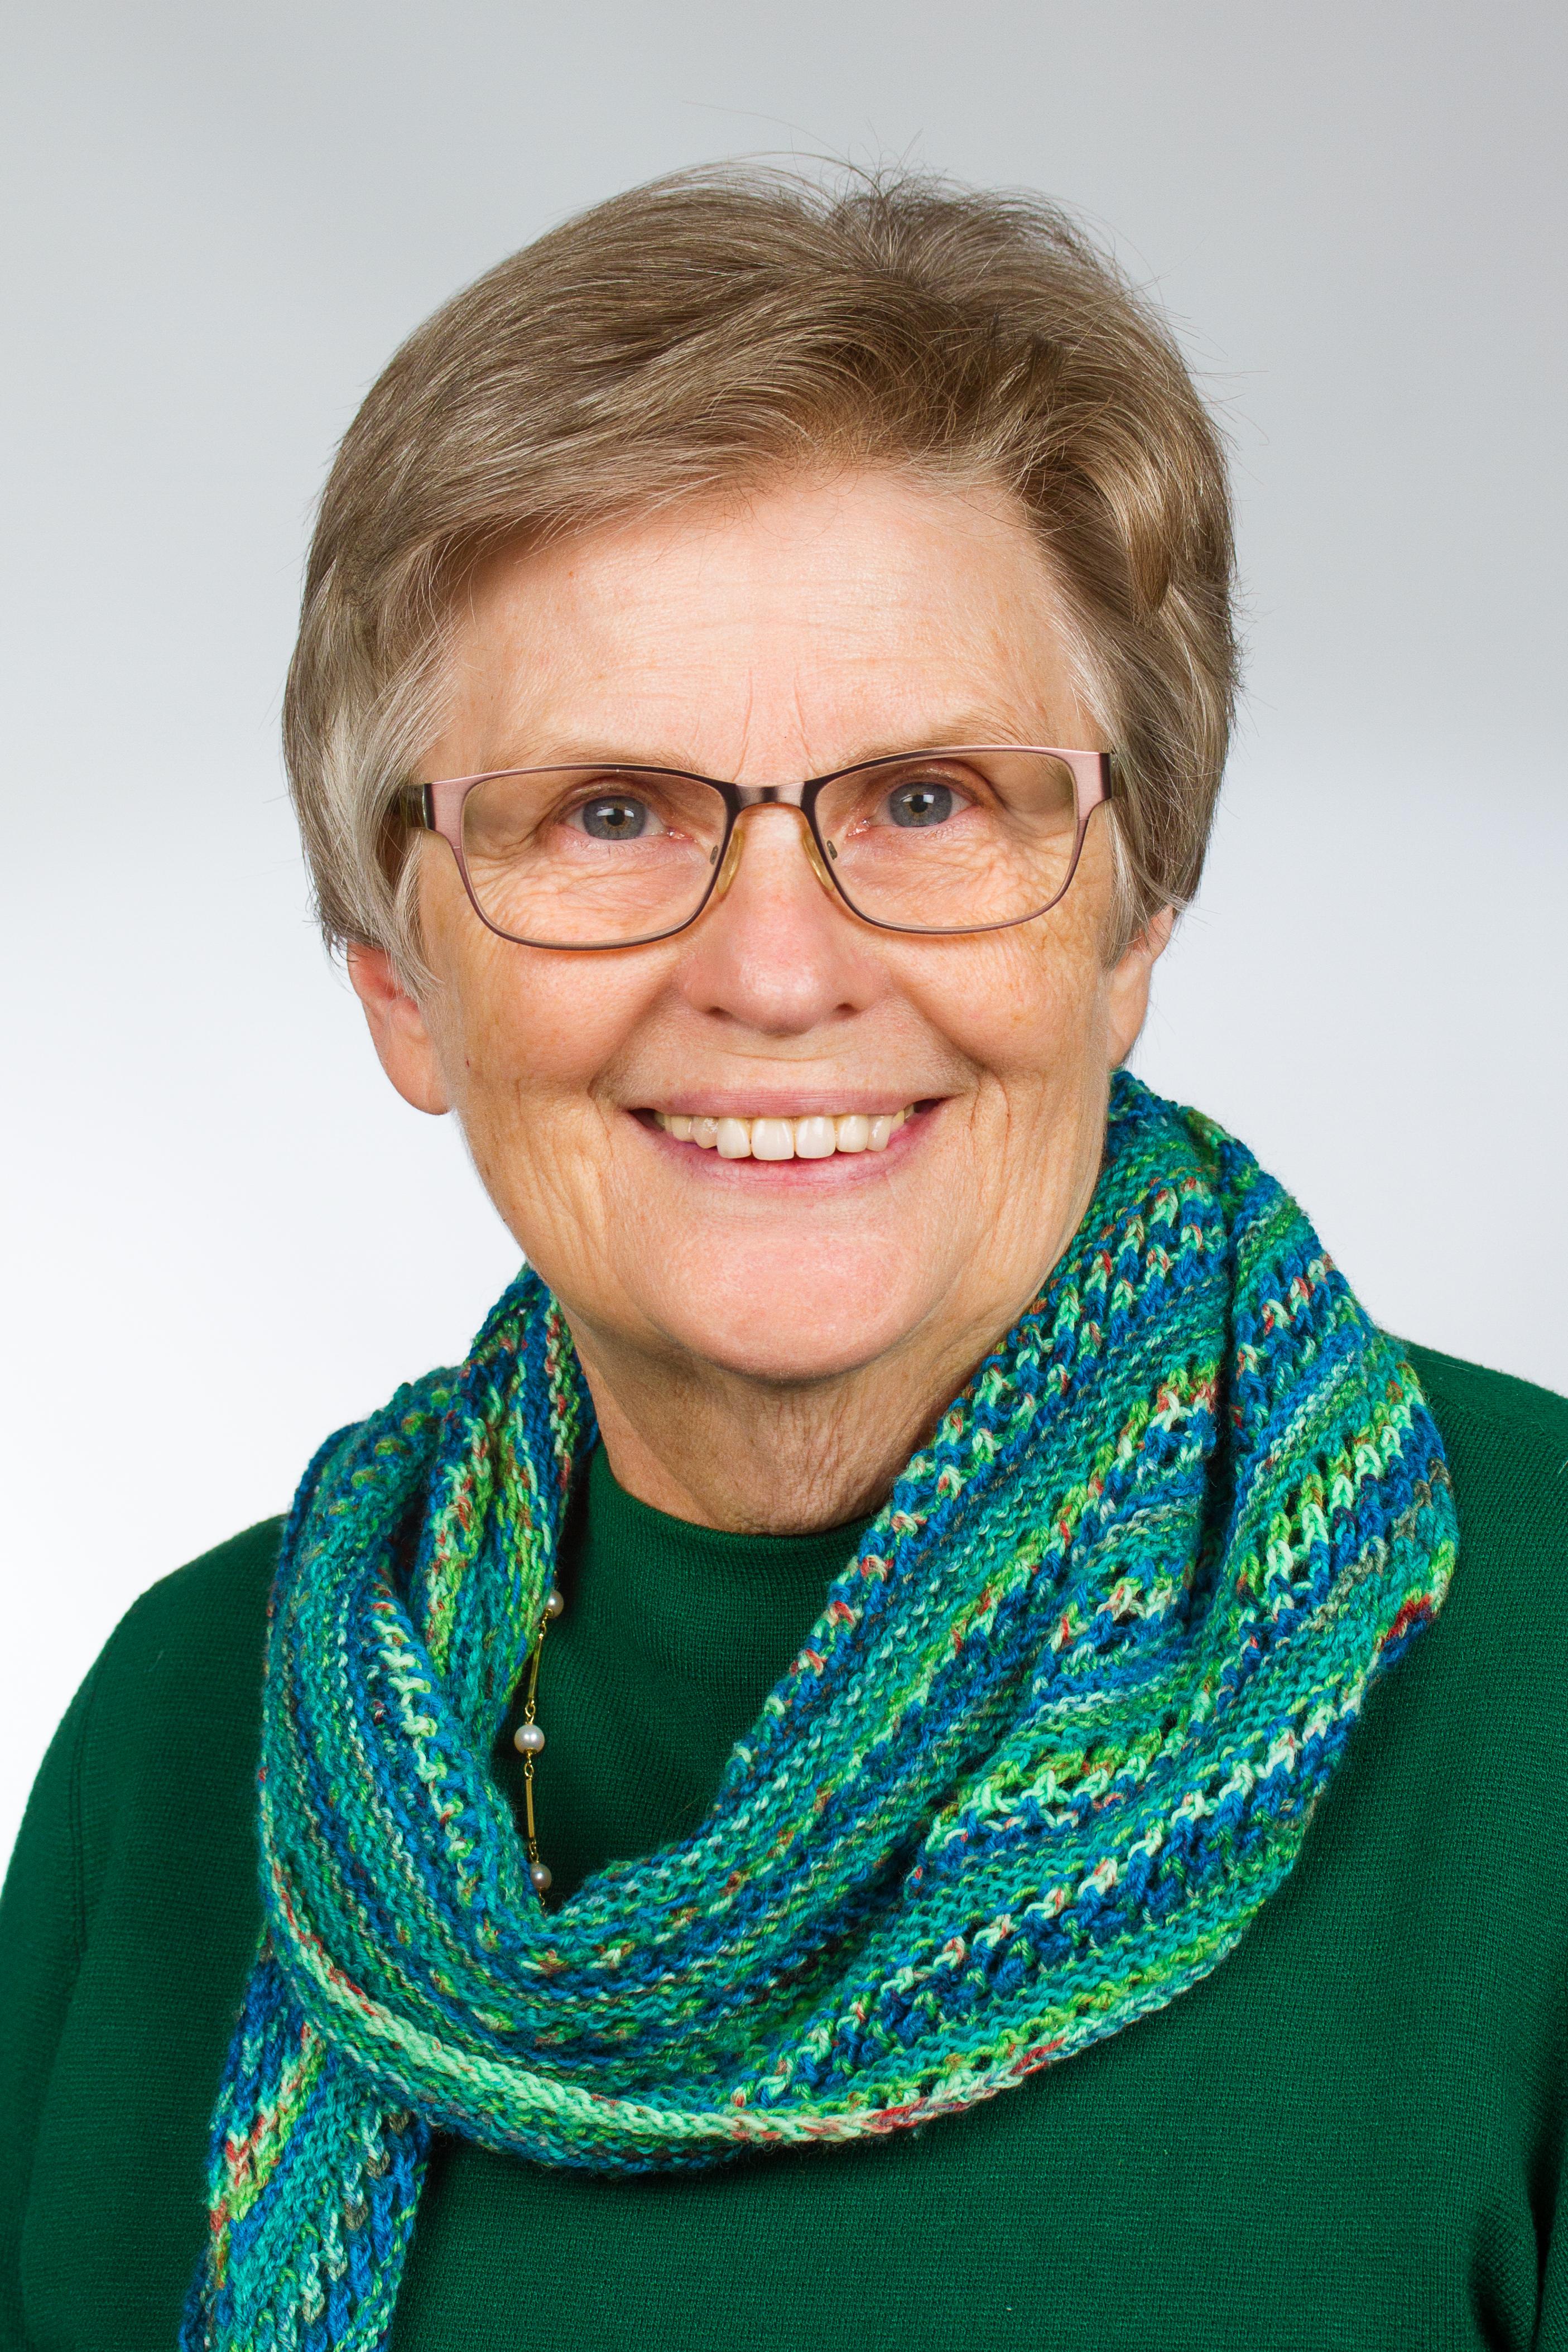 Roswitha Ehlers